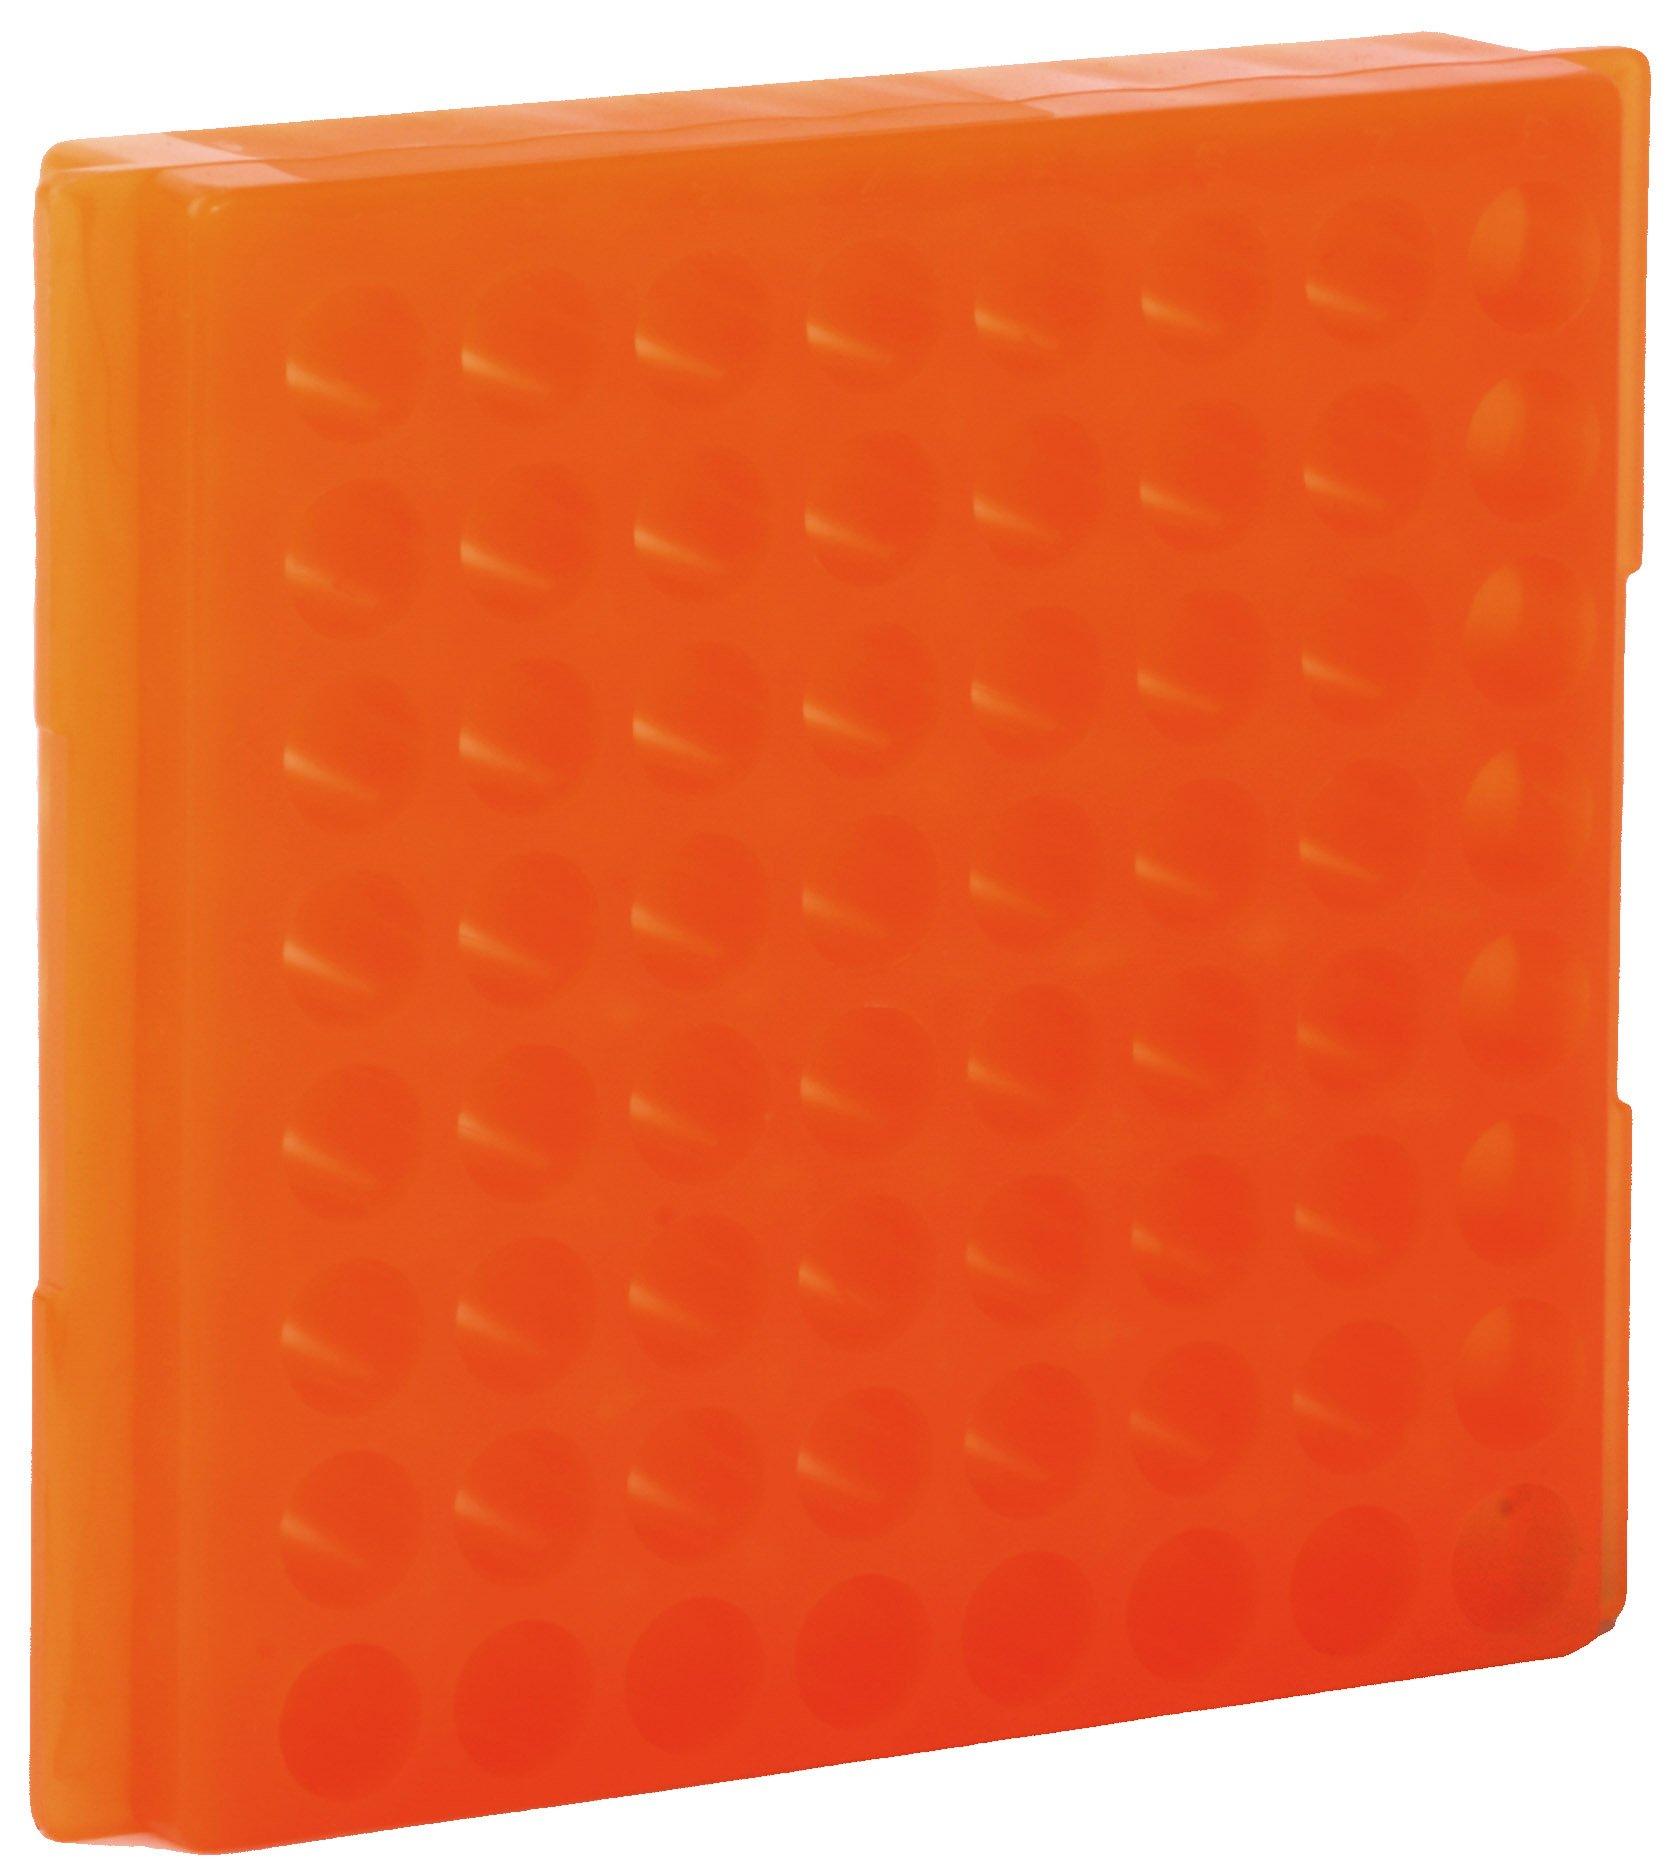 64-Well Microcentrifuge Tube Rack - Orange